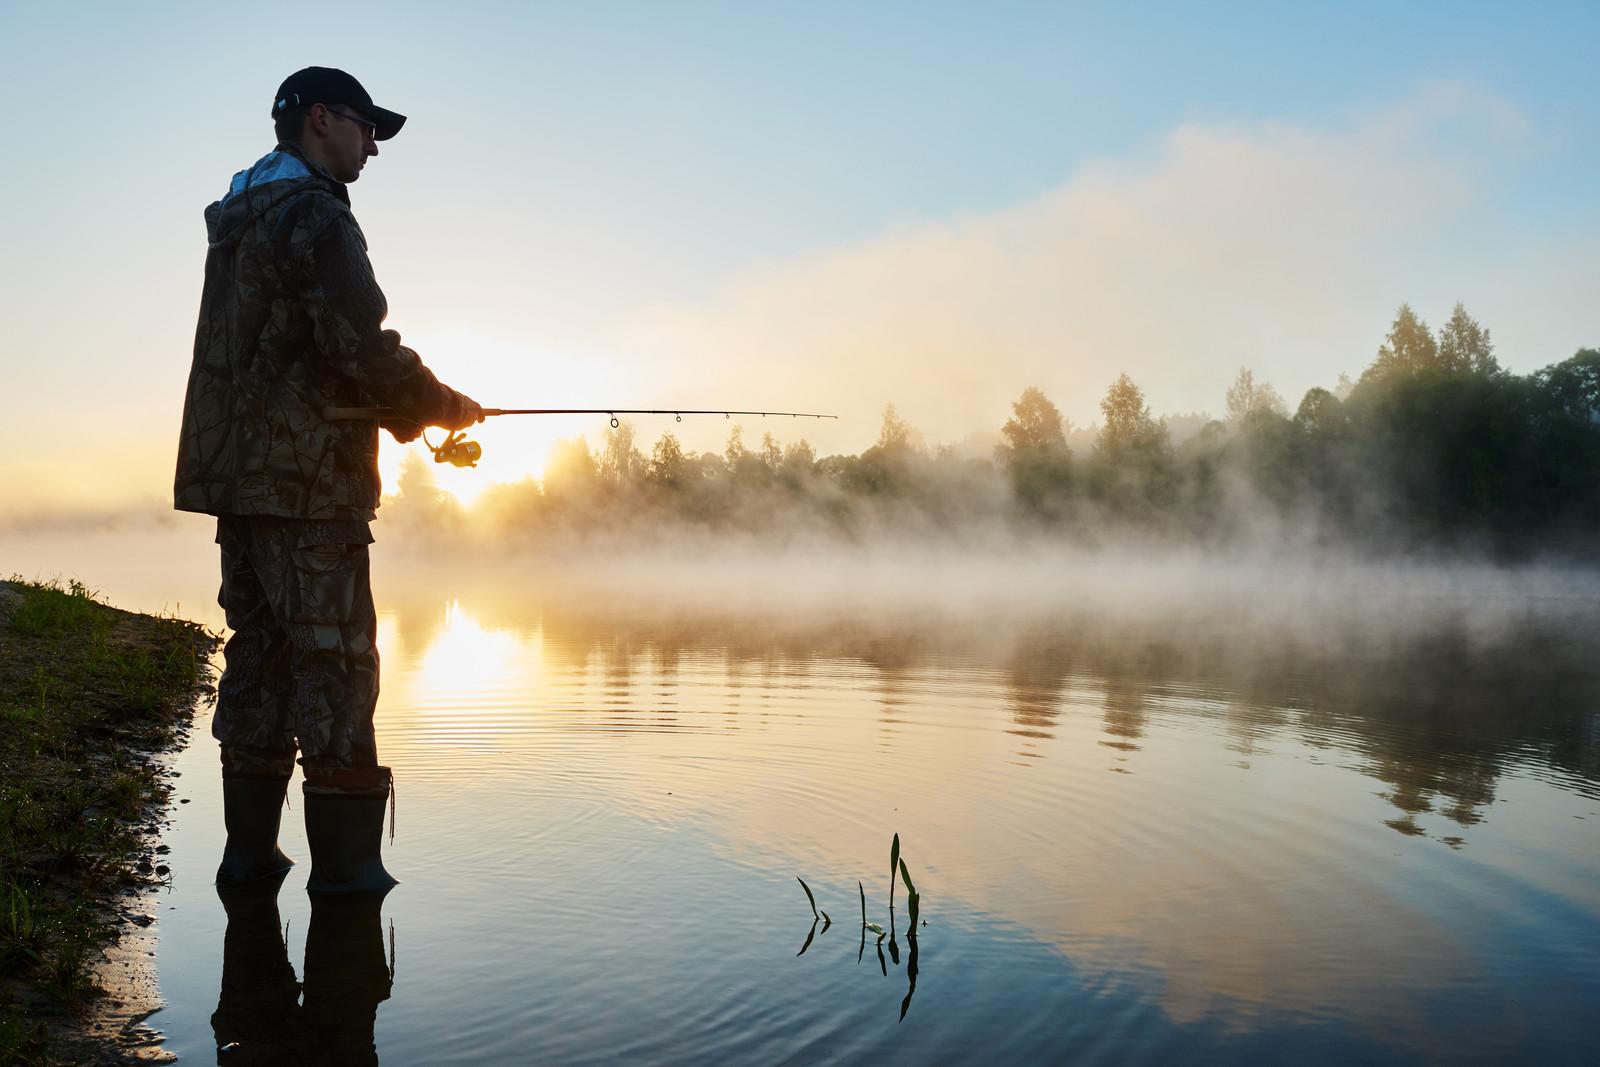 Key Reasons to Take Children Fishing